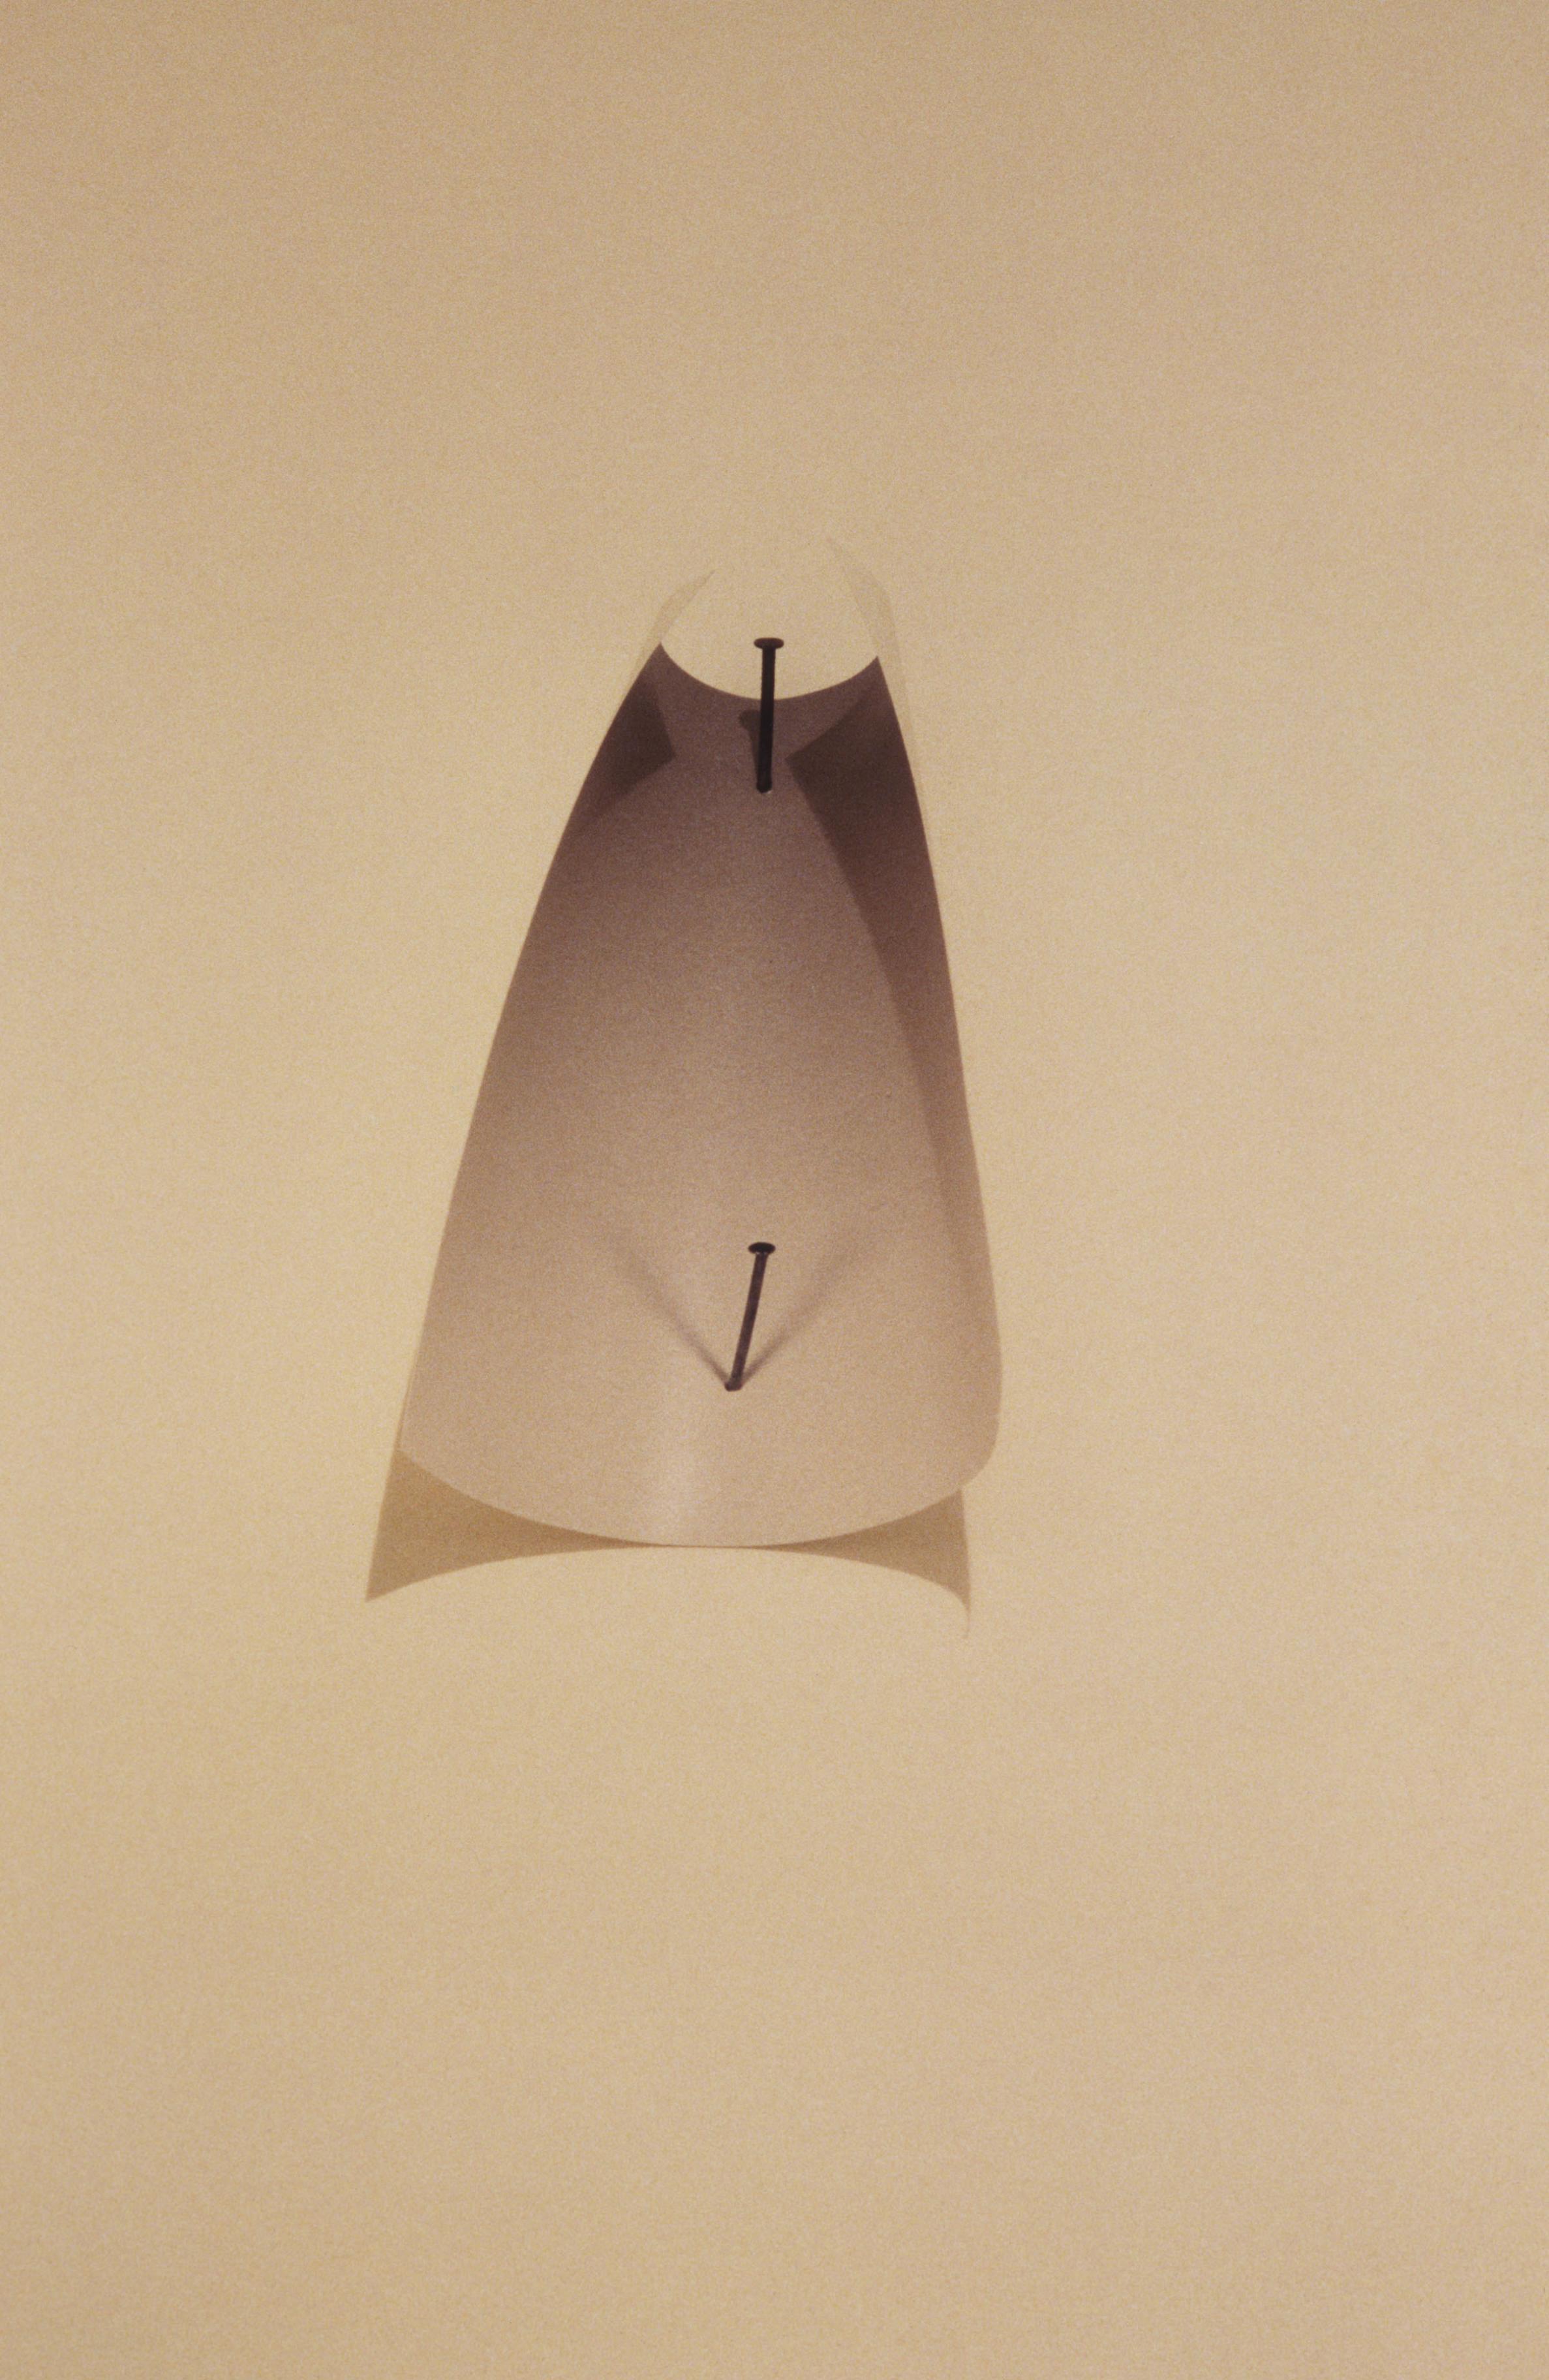 Obra de arte 'Two Nails' (Foto: Cortesia de Vik Muniz e galeria nara roesler)